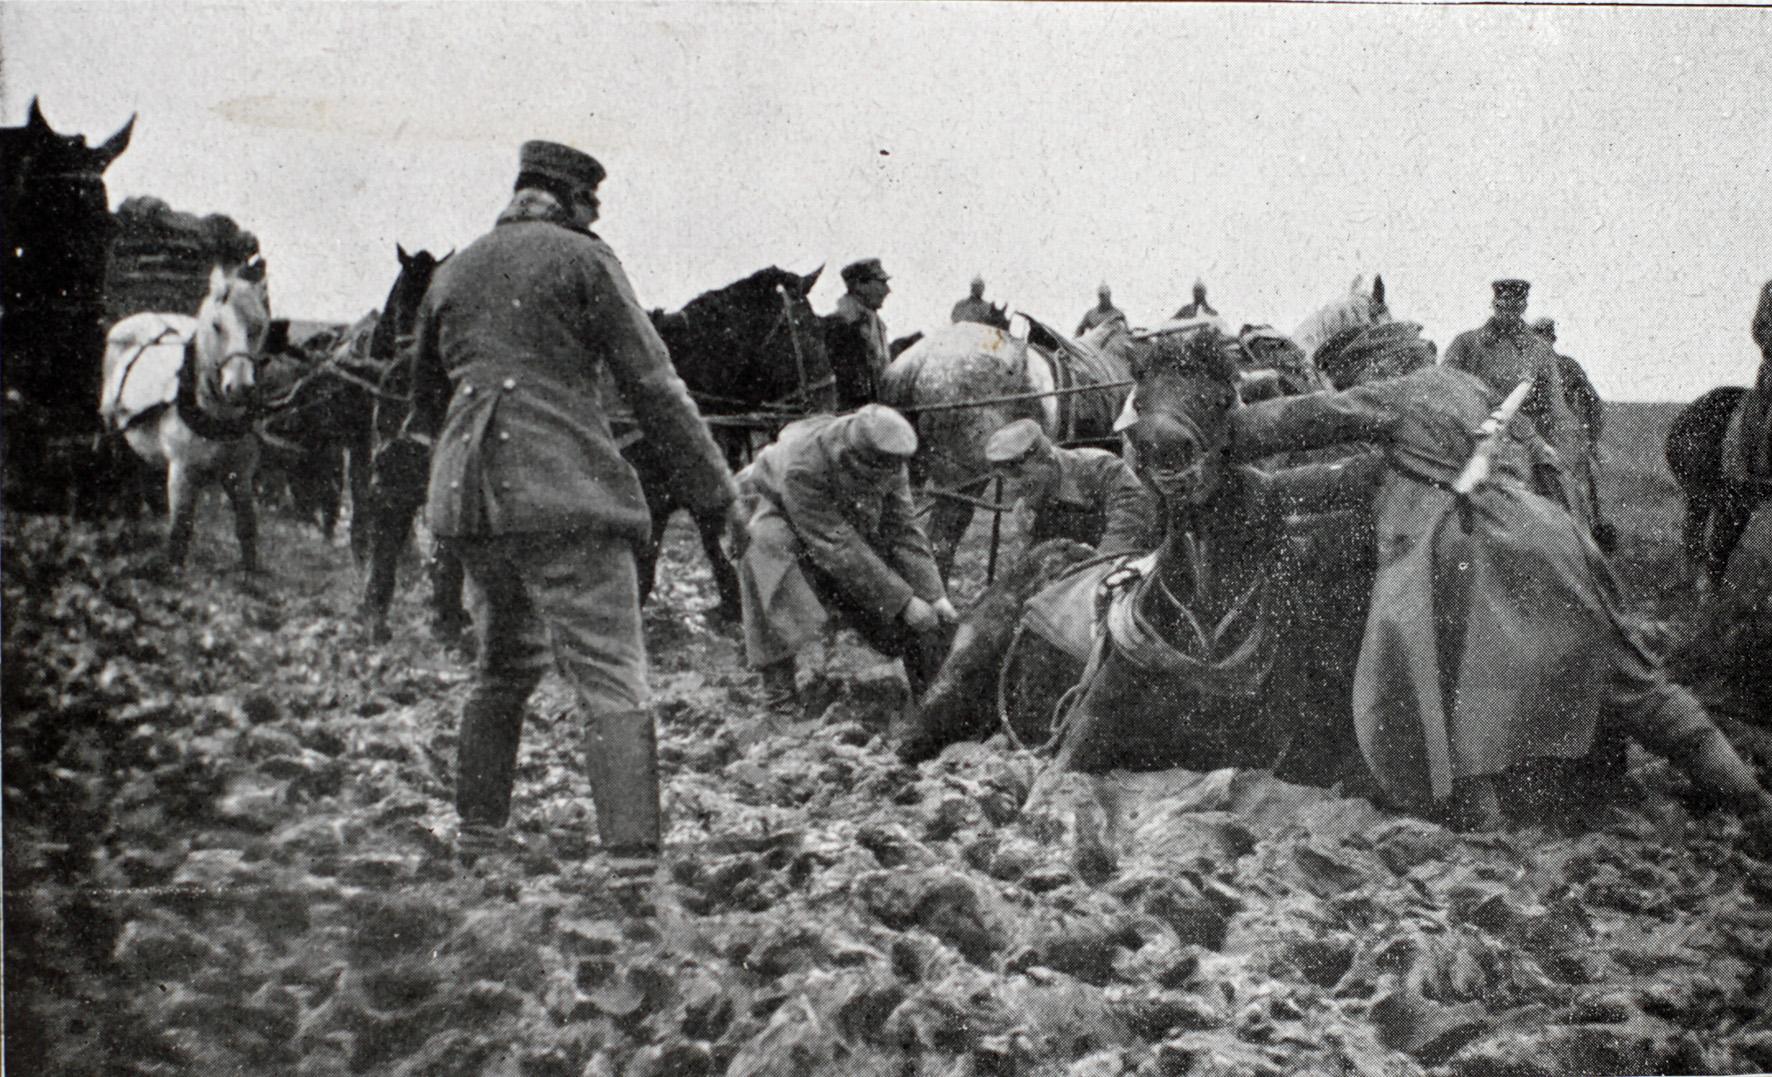 Heste synker ned i mudderet